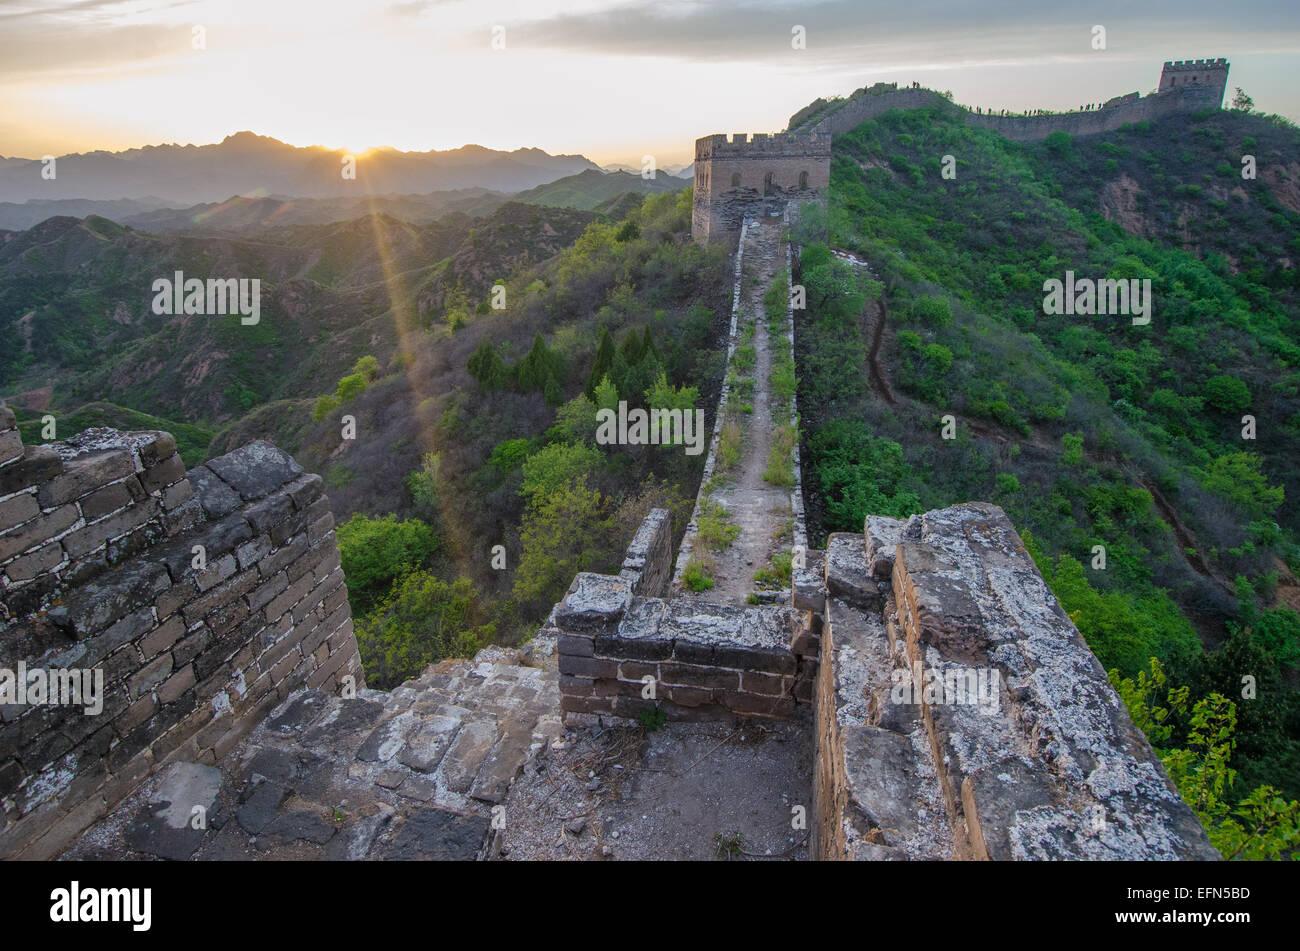 Los 2.300 años de la Gran Muralla China está iluminada por el sol. Imagen De Stock